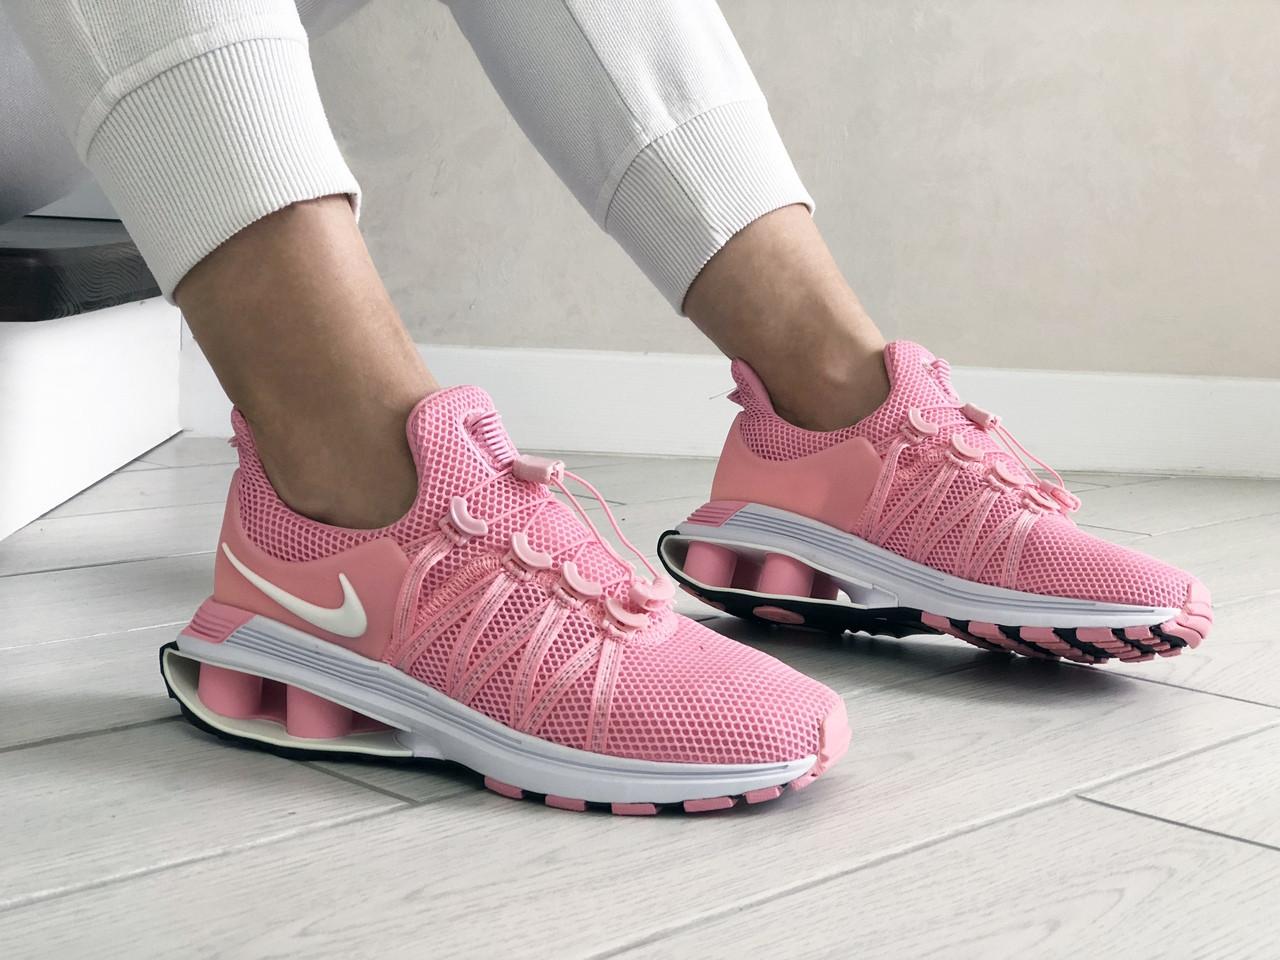 Жіночі кросівки Nike Shox Gravity (рожево-білі) 9304